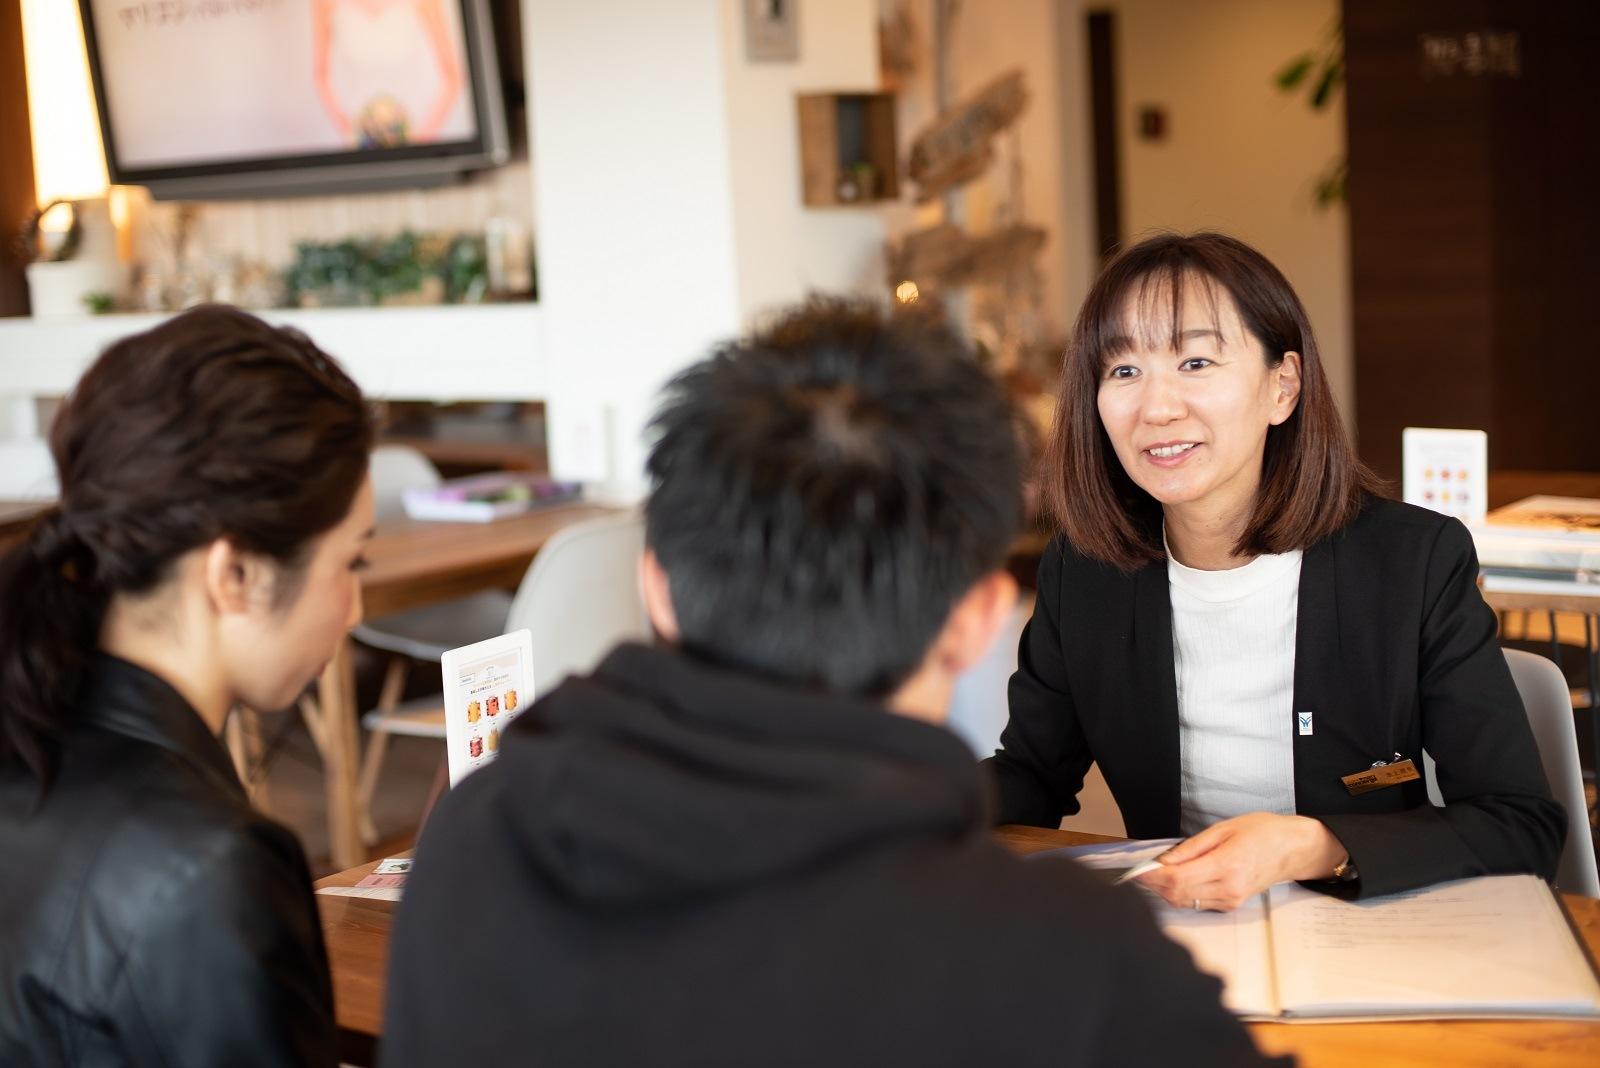 香川県高松市の小さな結婚式相談カウンターマリマリコンシェルジュのスタッフがお二人のイメージをお伺い